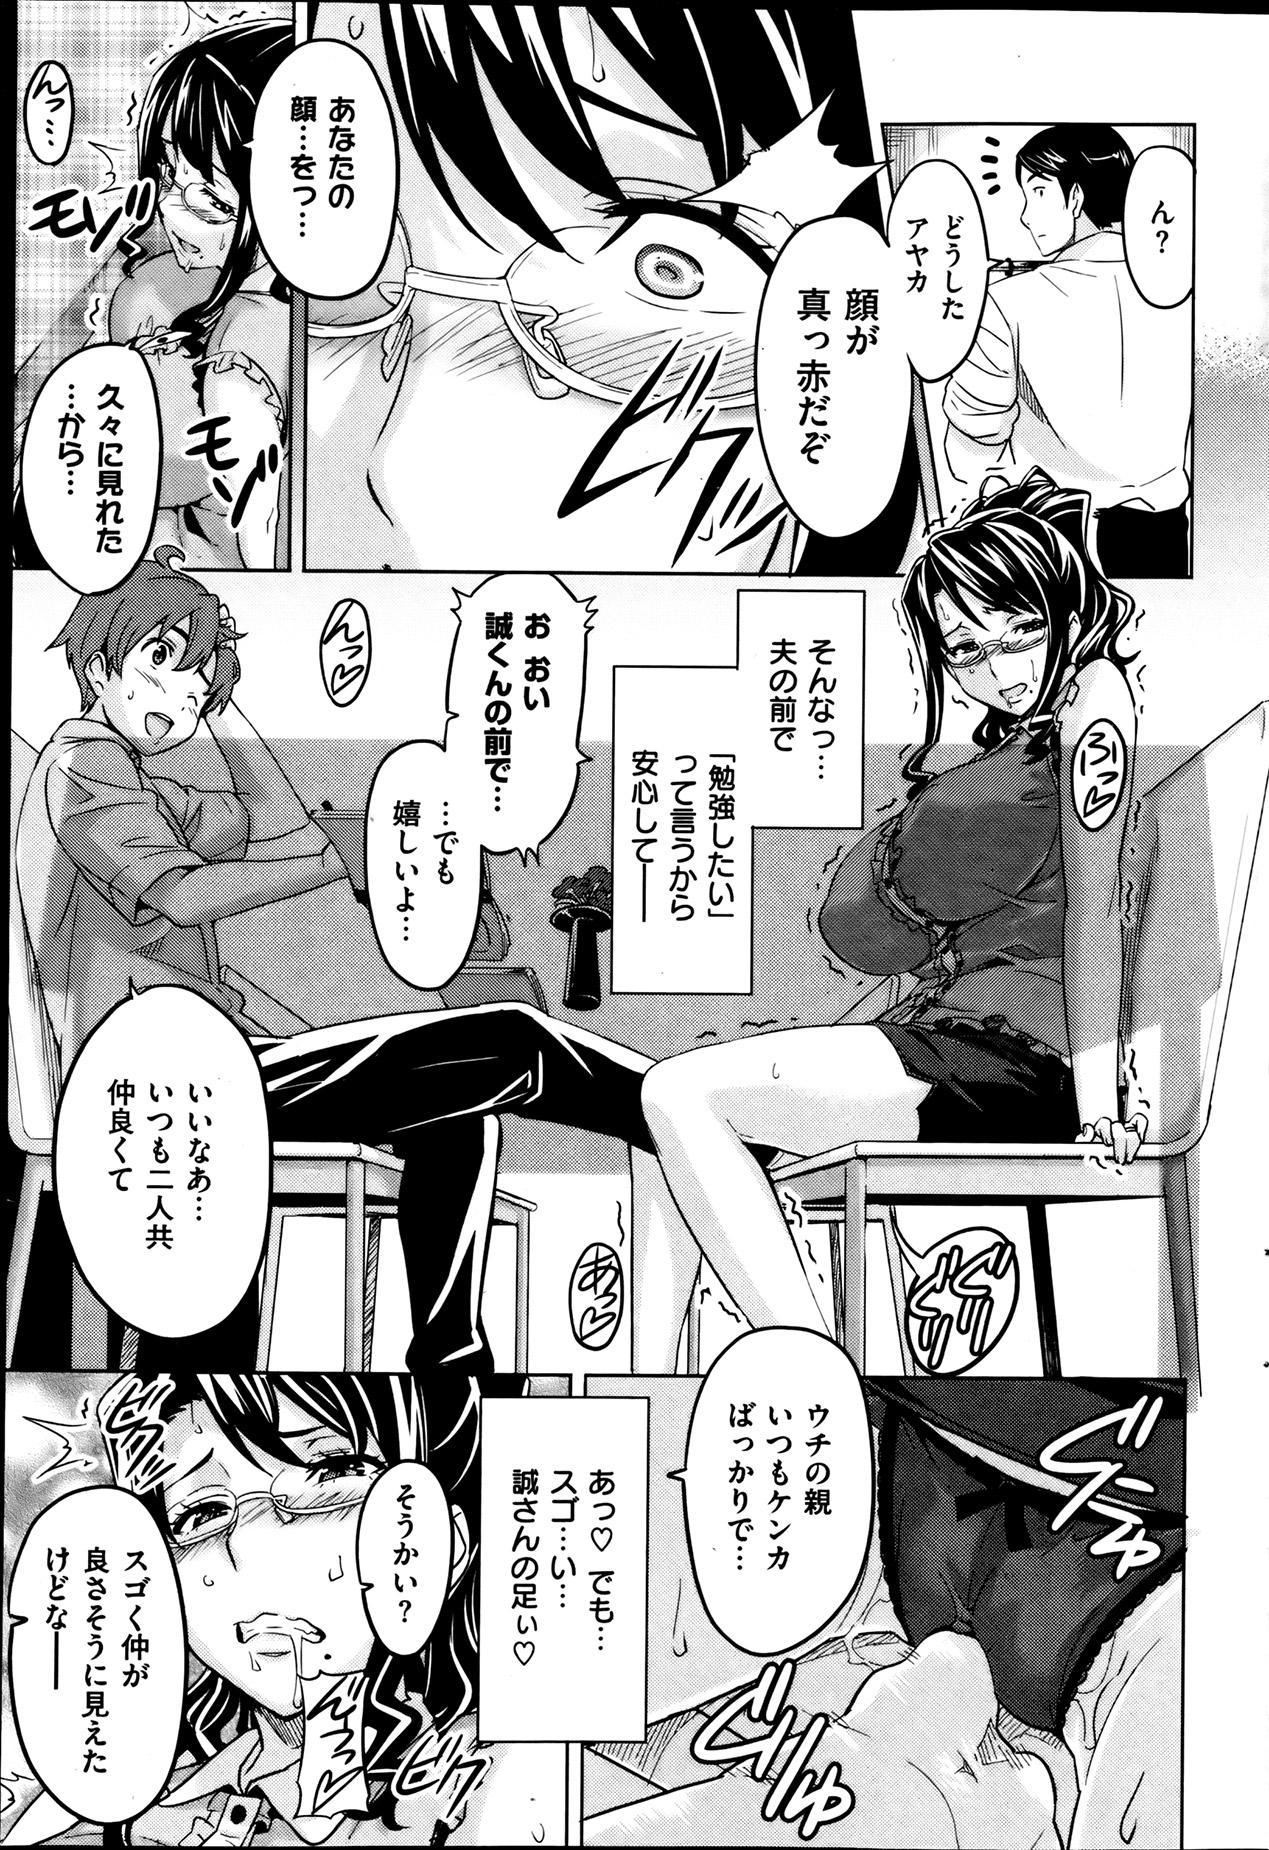 COMIC HANA-MAN 2013-08 Takeda Hiromitsu Tokushuu 62